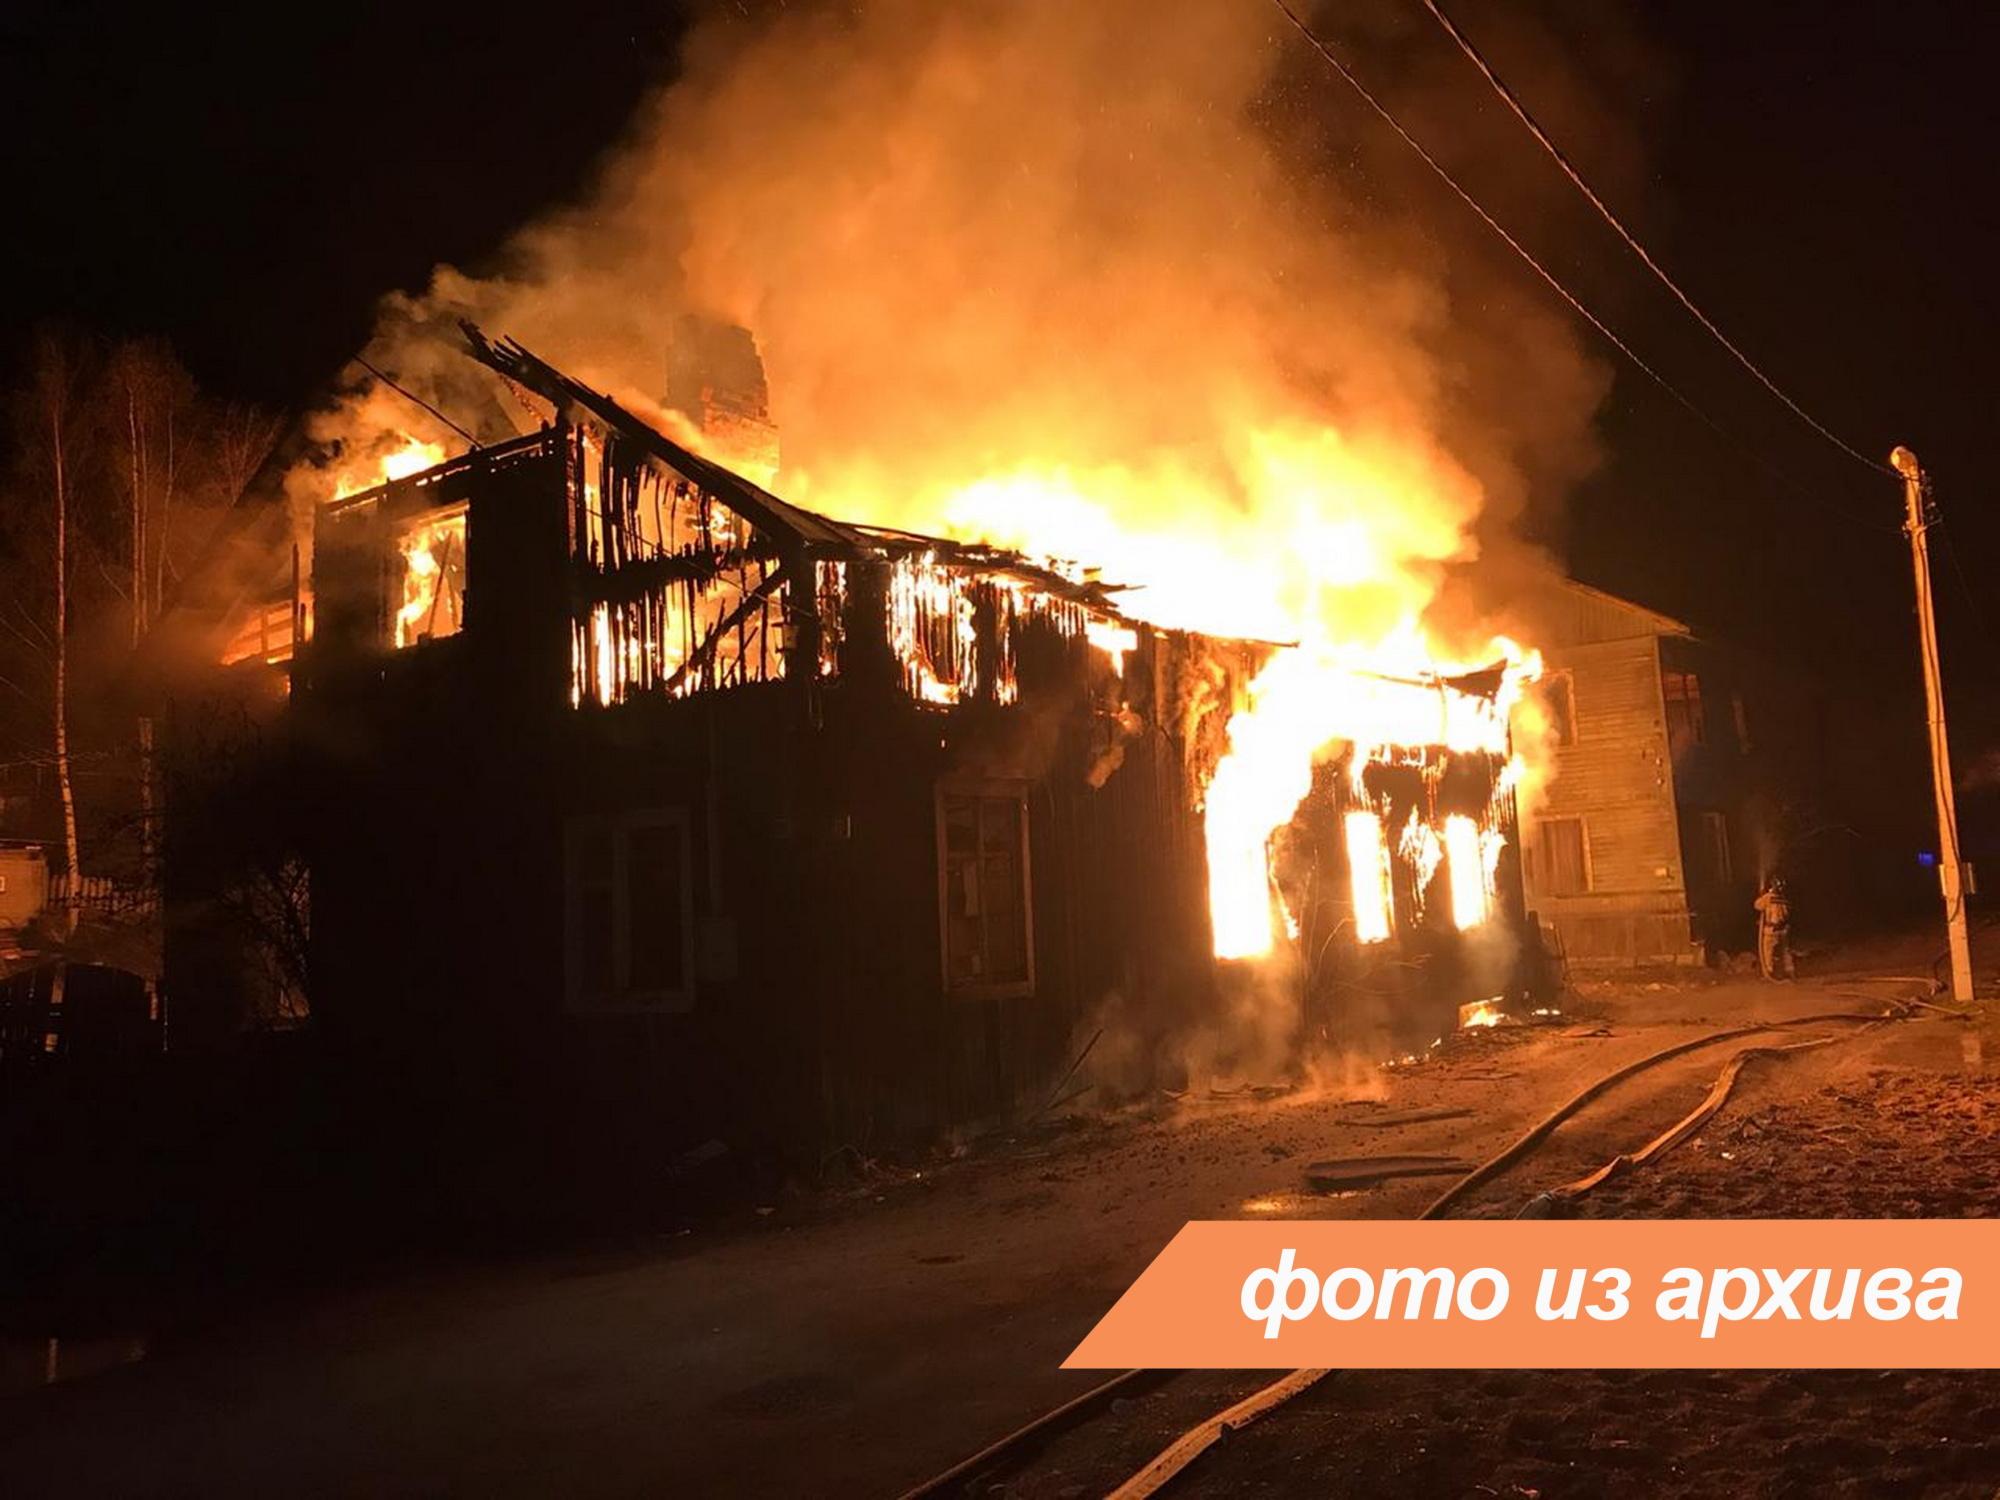 Пожарно-спасательное подразделение Ленинградской области ликвидировали пожар в Волосовском районе